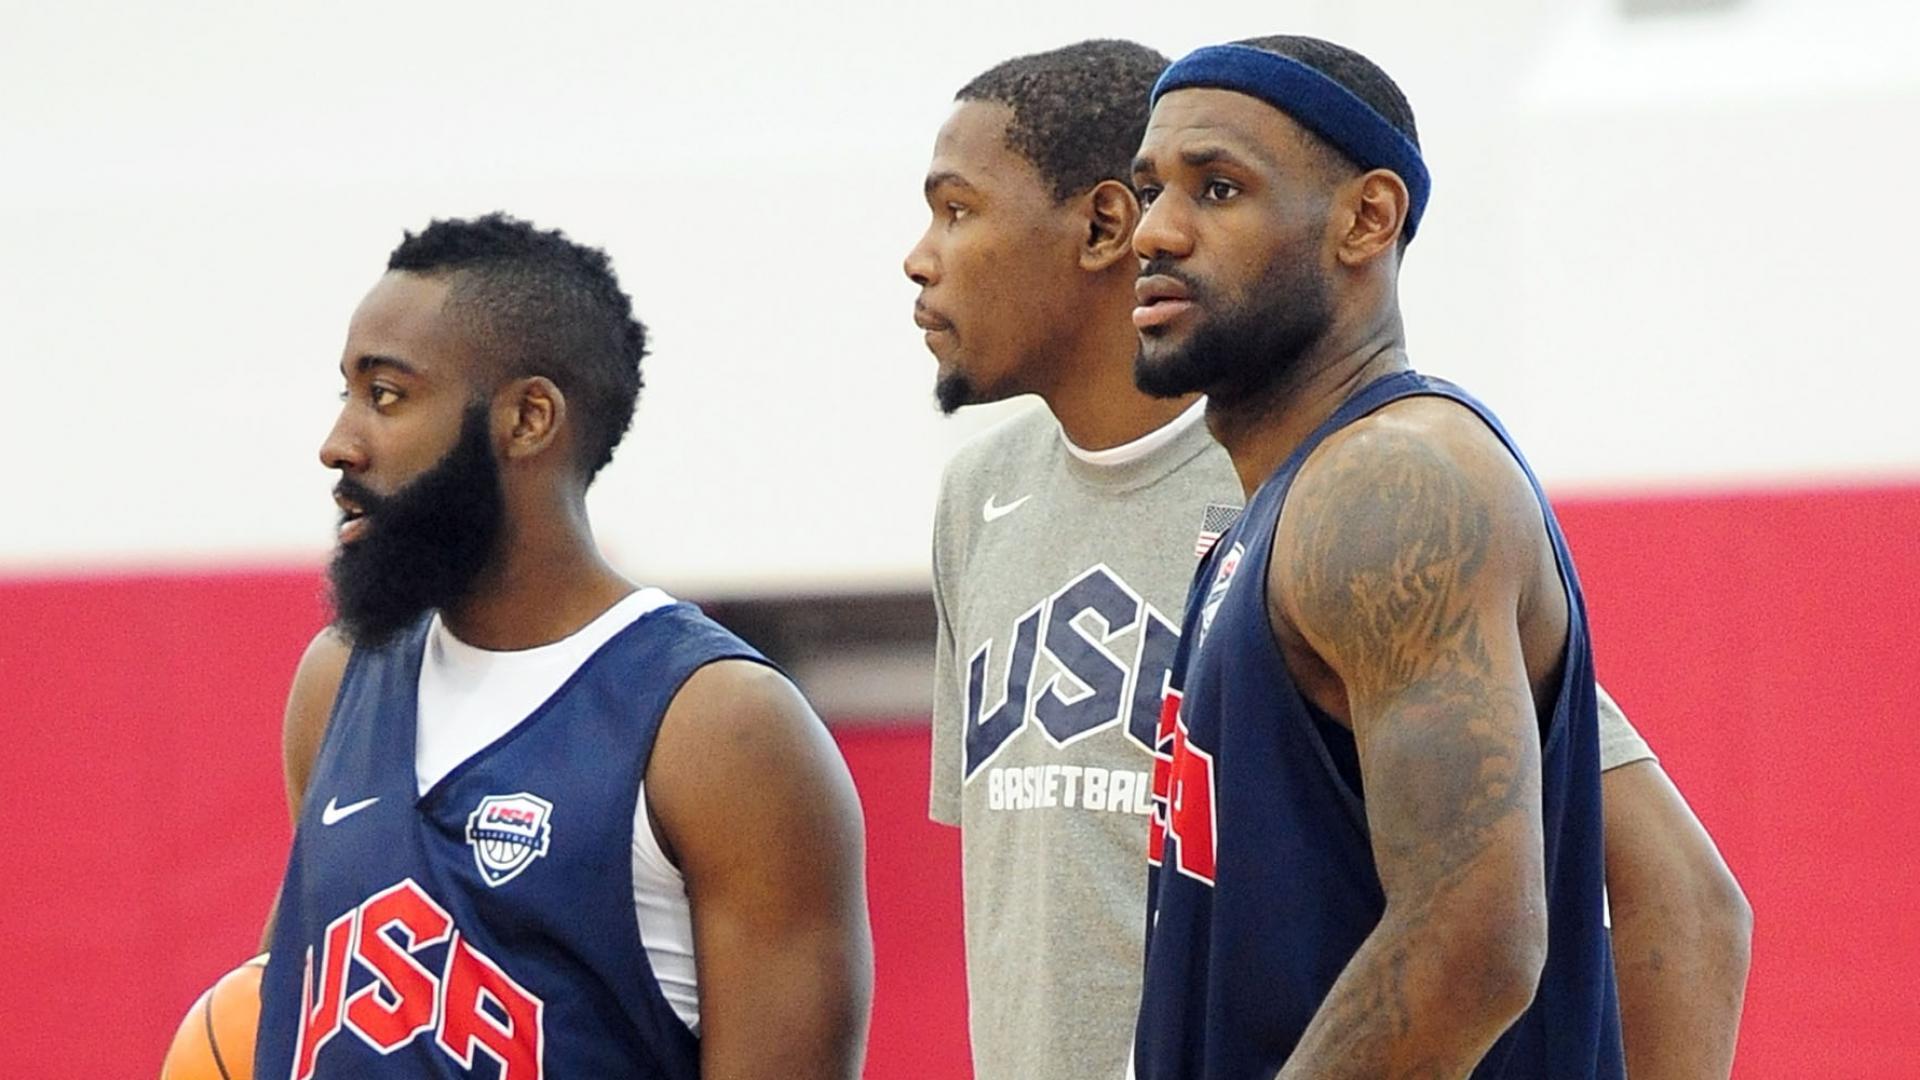 選拔夢幻隊!美國男籃發出60份奧運會邀請函, Curry詹皇KD均受邀!-籃球圈